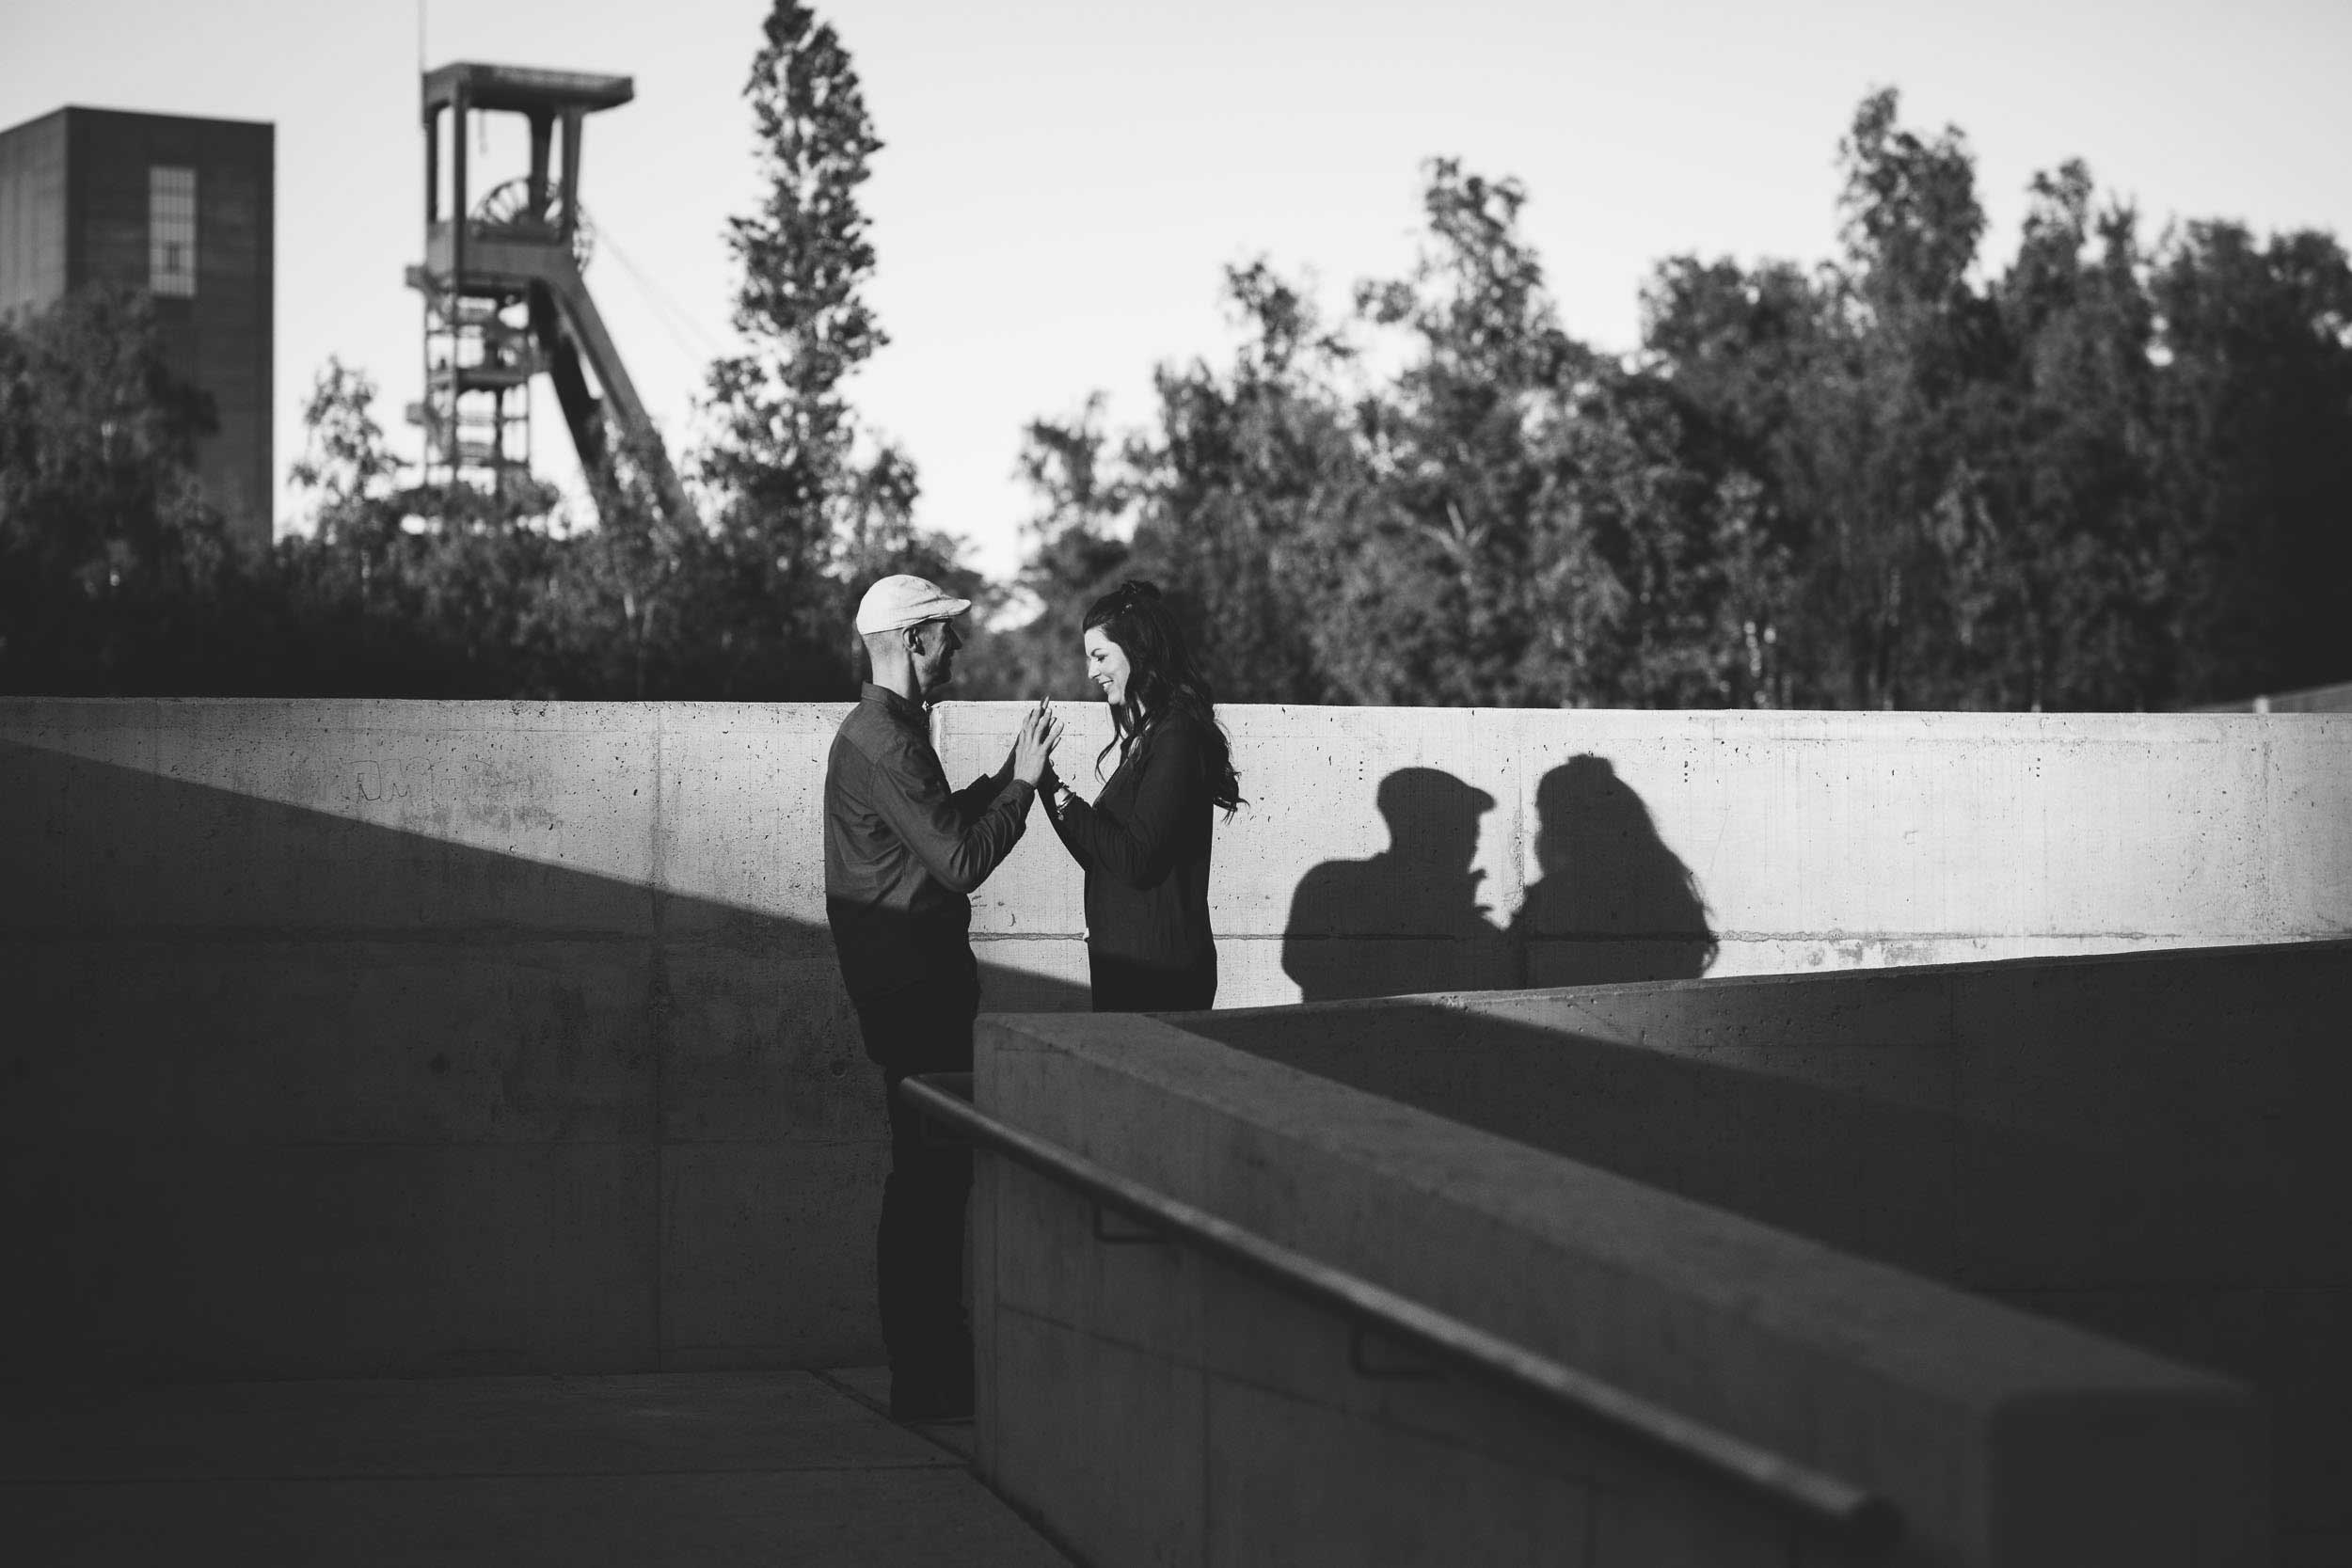 Hochzeitsfotograf-Essen-Paarbider-Zeche-Zollverein-12.jpg